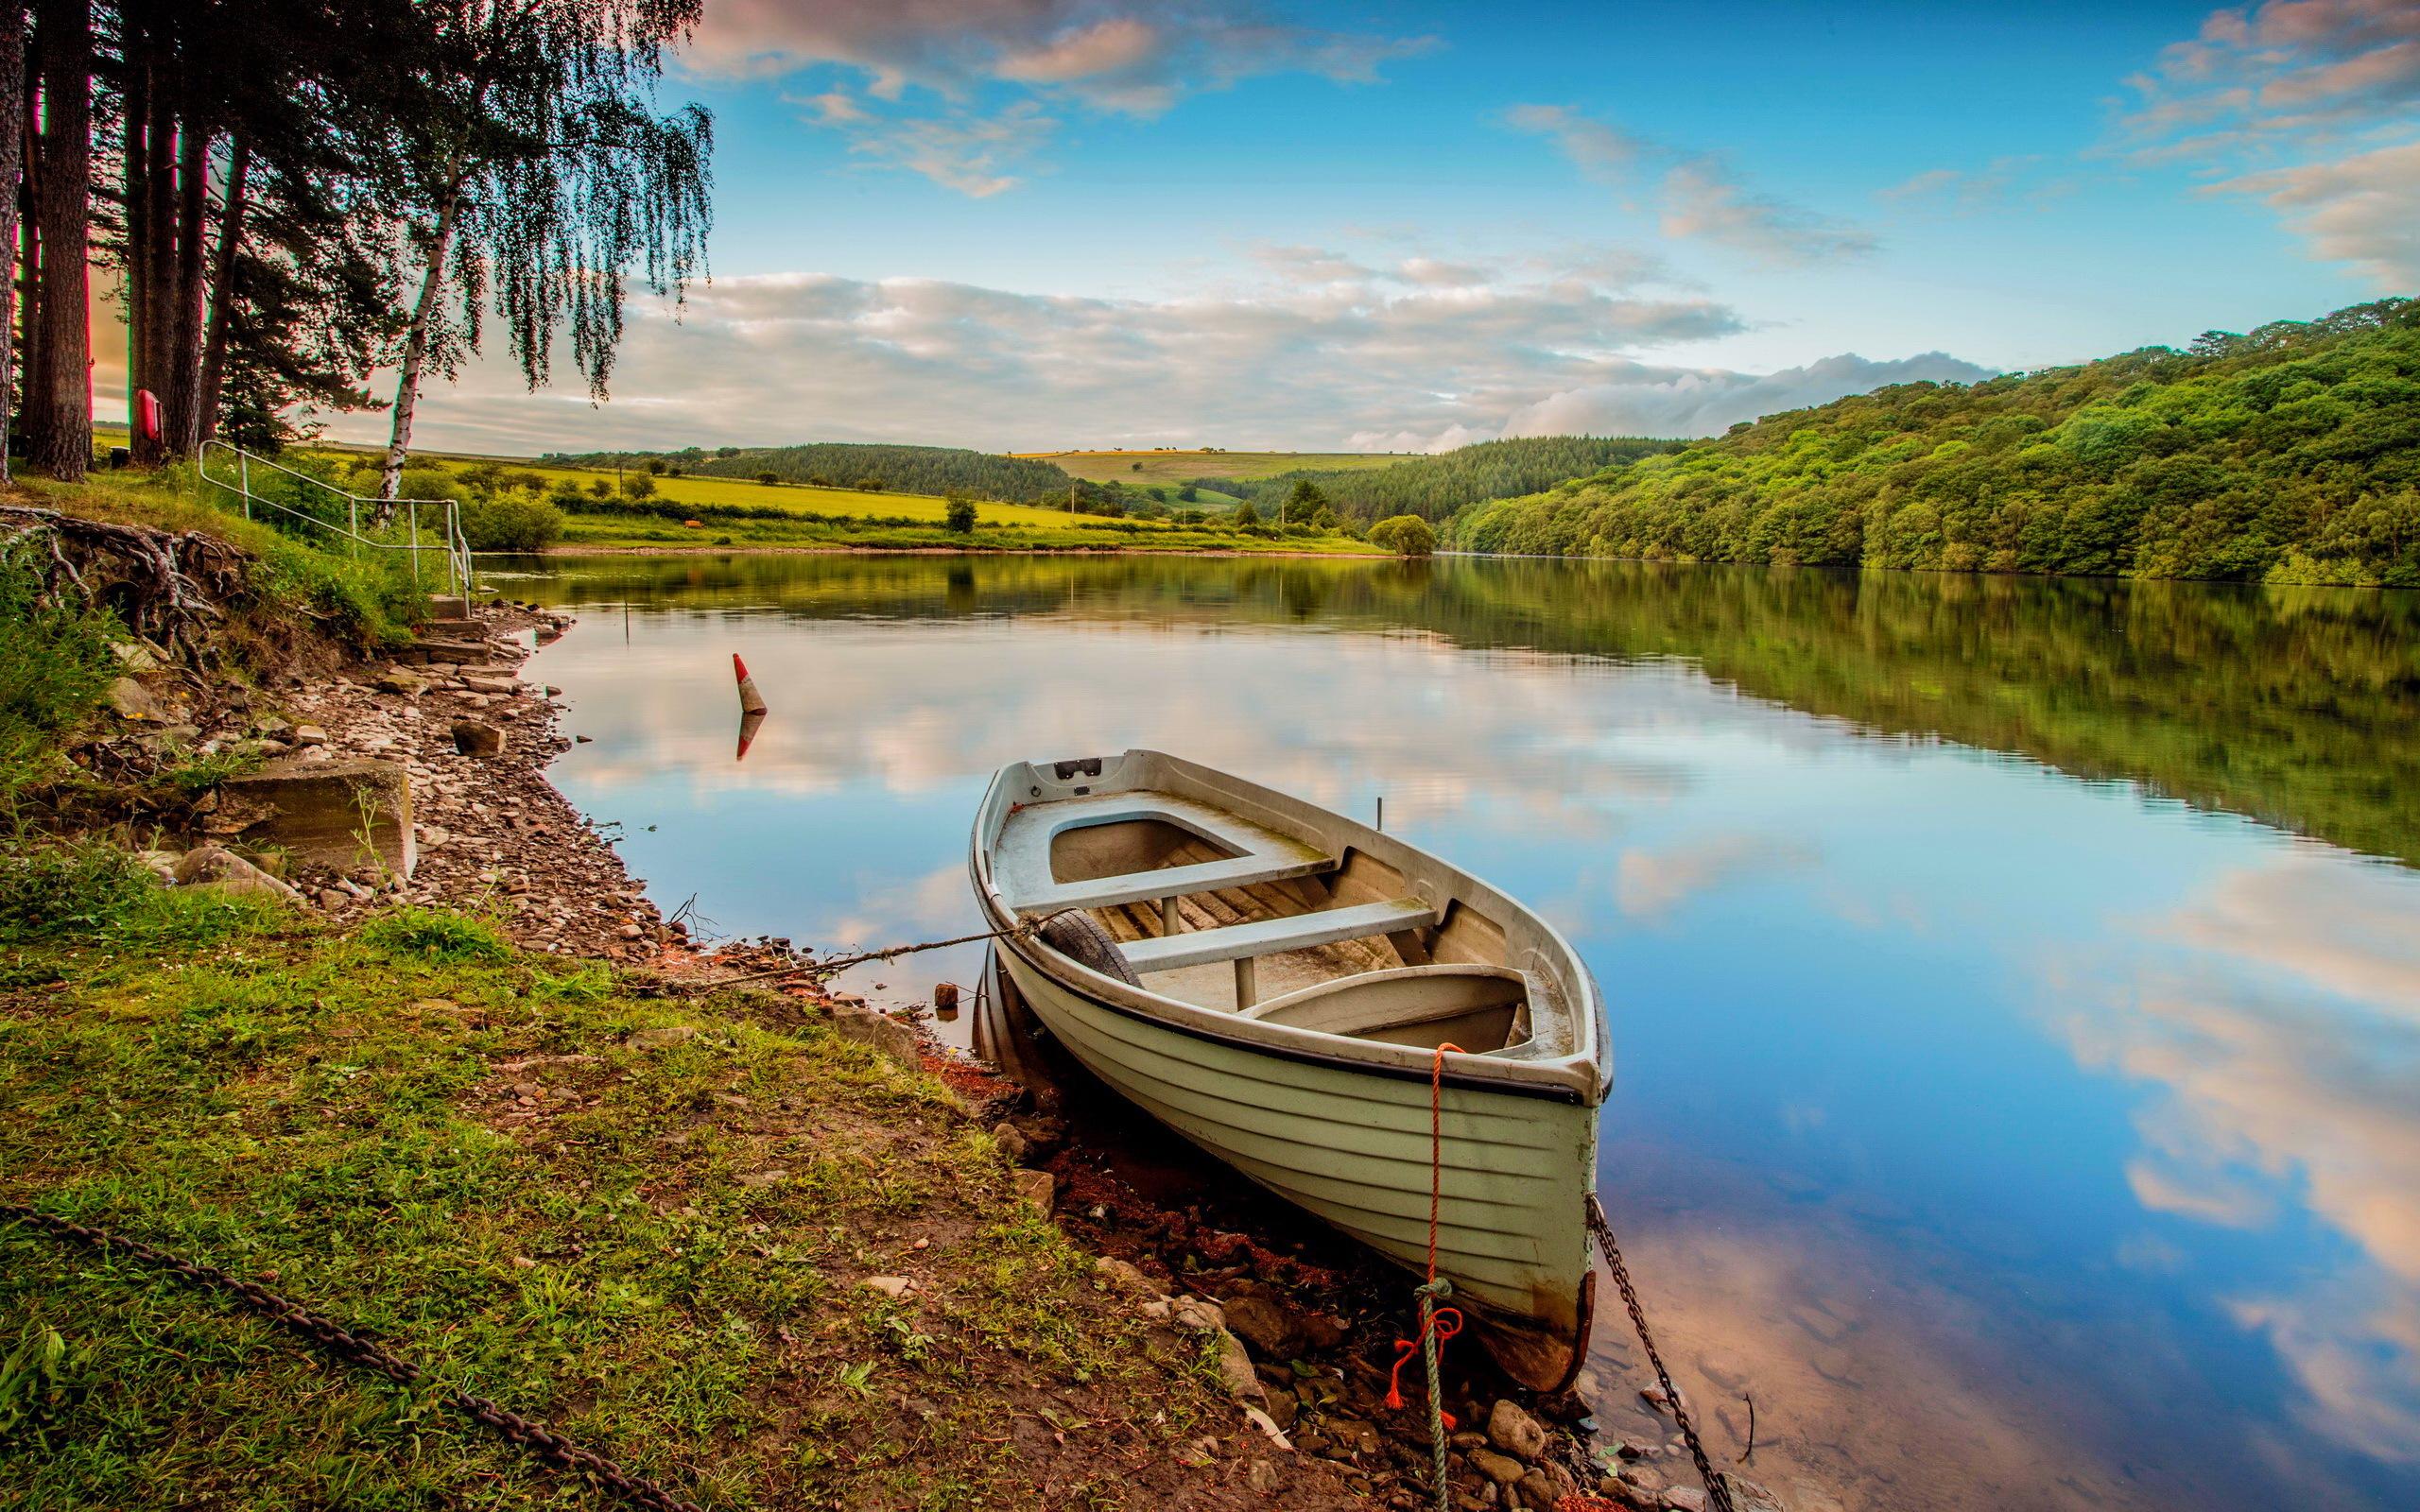 Красивые картинки лодки